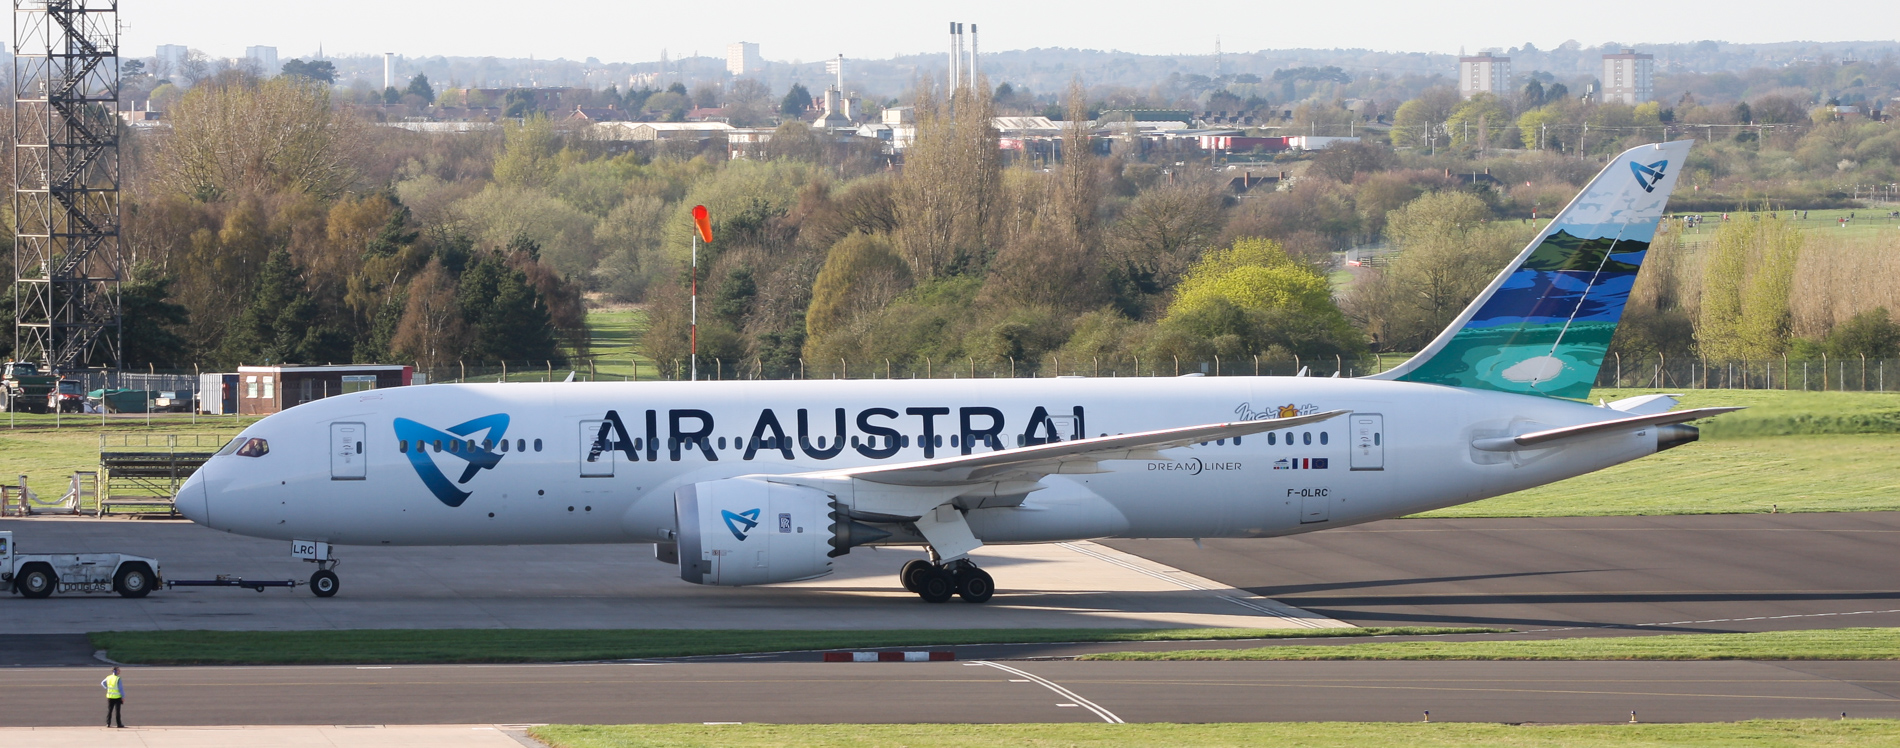 Air Austral 787-8 F-OLRC